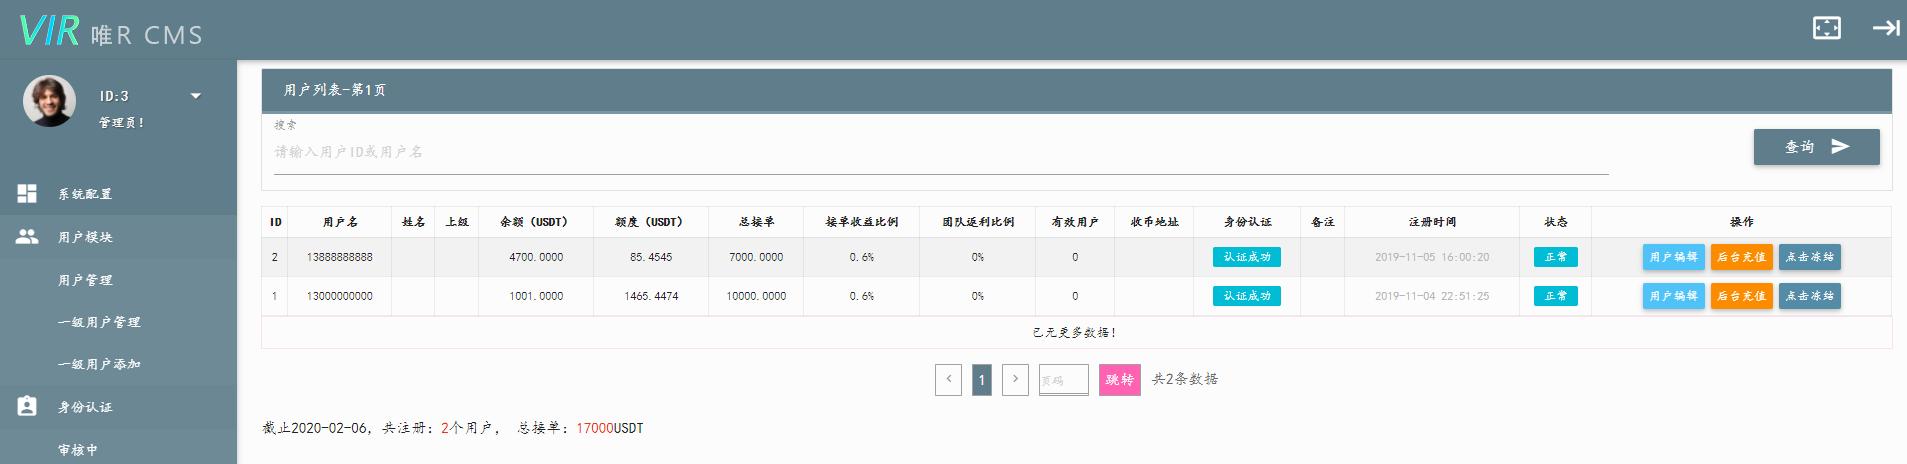 互站购买运营版USDT 虚拟货币 接单返利 抢单 分红 拆分 复利 金融投资理财程序 网站源码 第7张